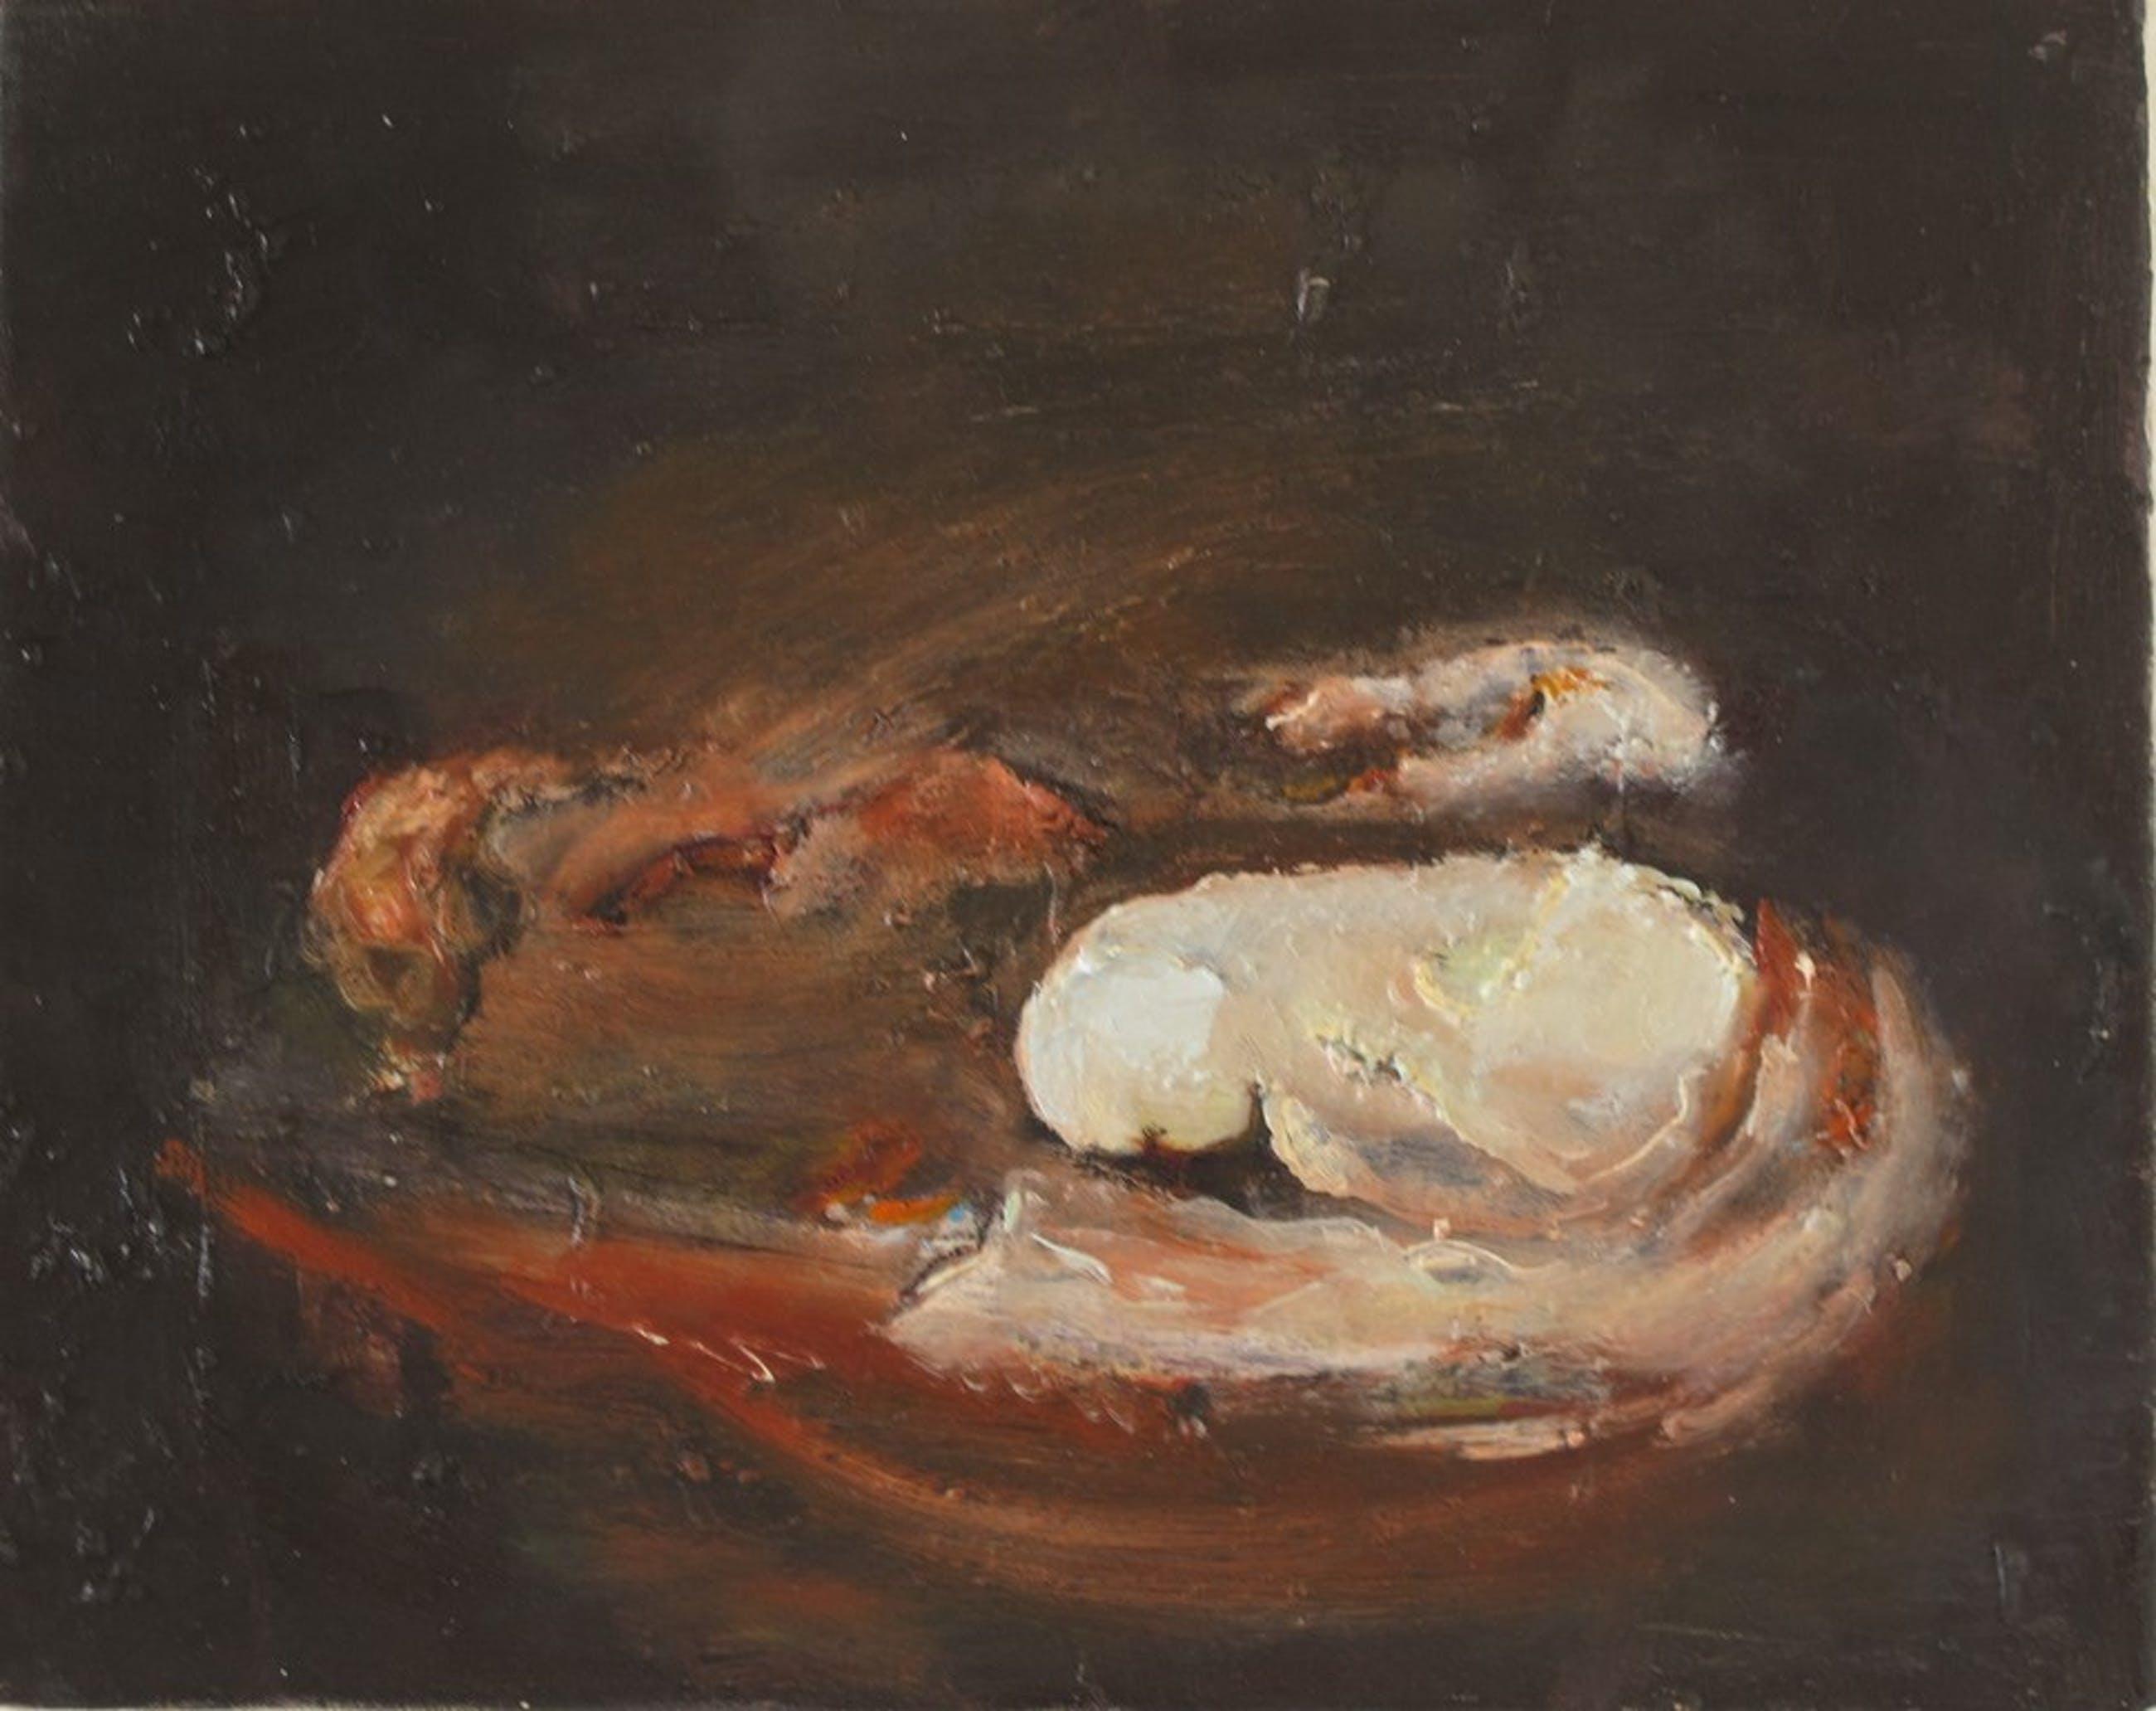 Ineke VanderWal 'Underneath whilst I was sleeping' 1 2012 oil on canvas 24 x30cm kopen? Bied vanaf 20!